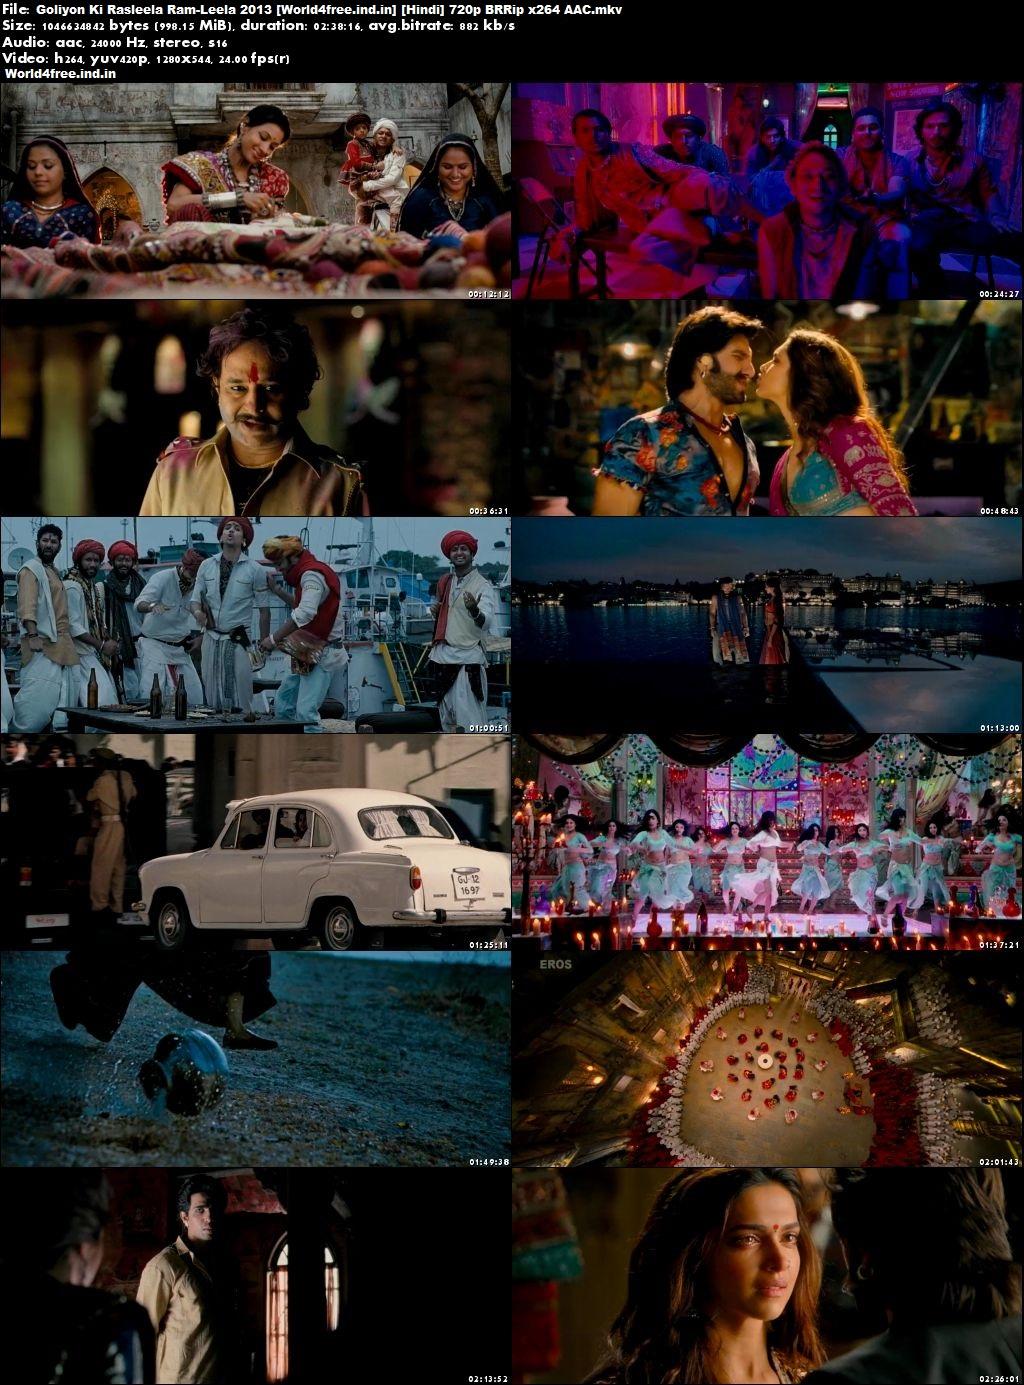 Goliyon Ki Rasleela Ram-Leela 2013 world4free.ind.in Hindi Movie Download BRRip